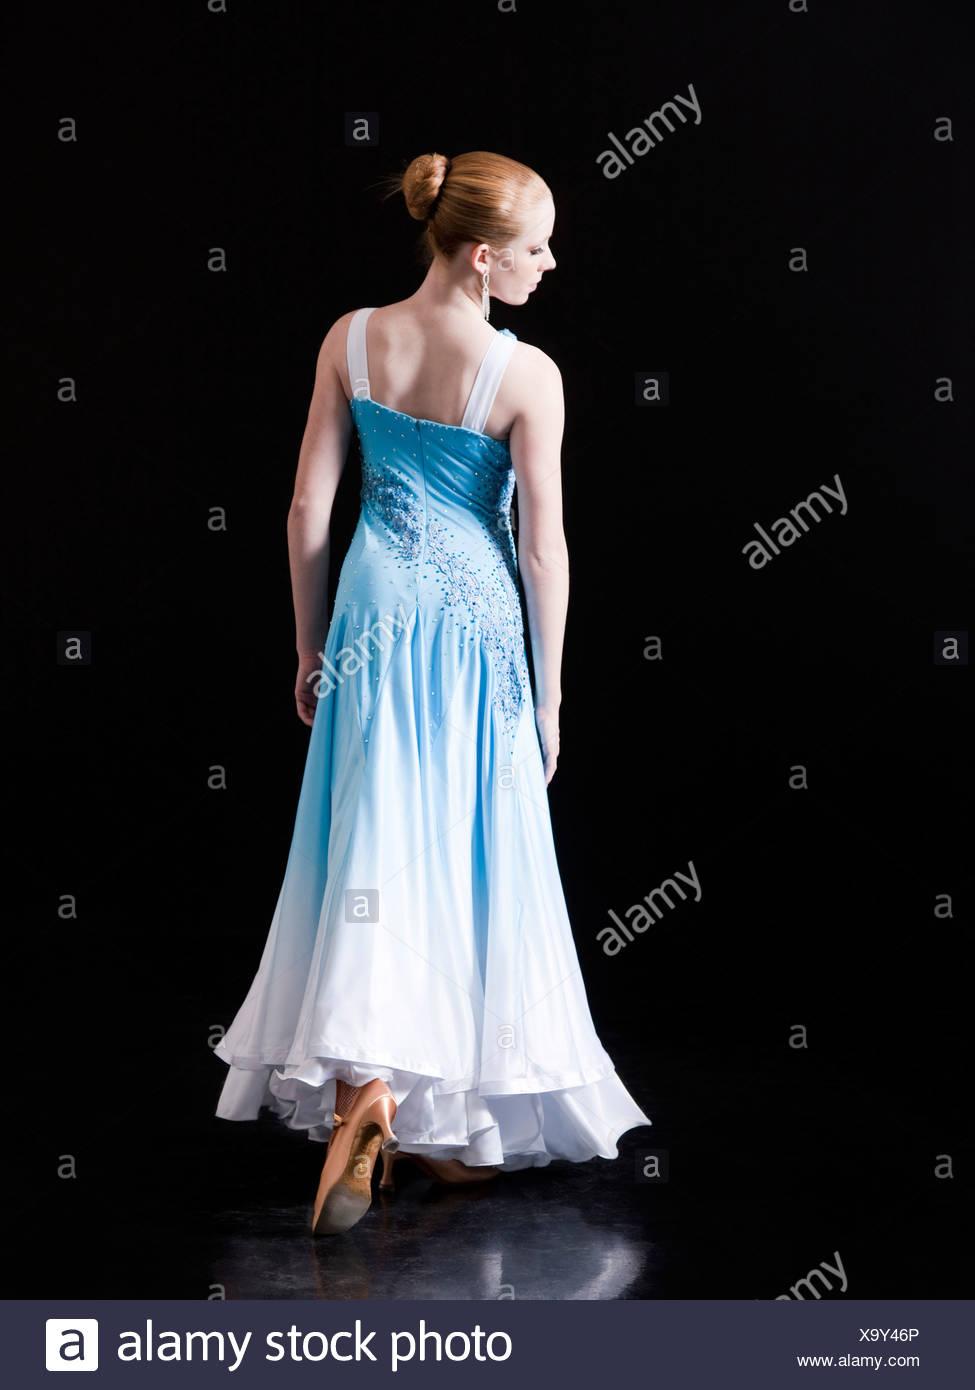 Junge Frau posiert als professionelle Tänzerin, Studio gedreht Stockbild